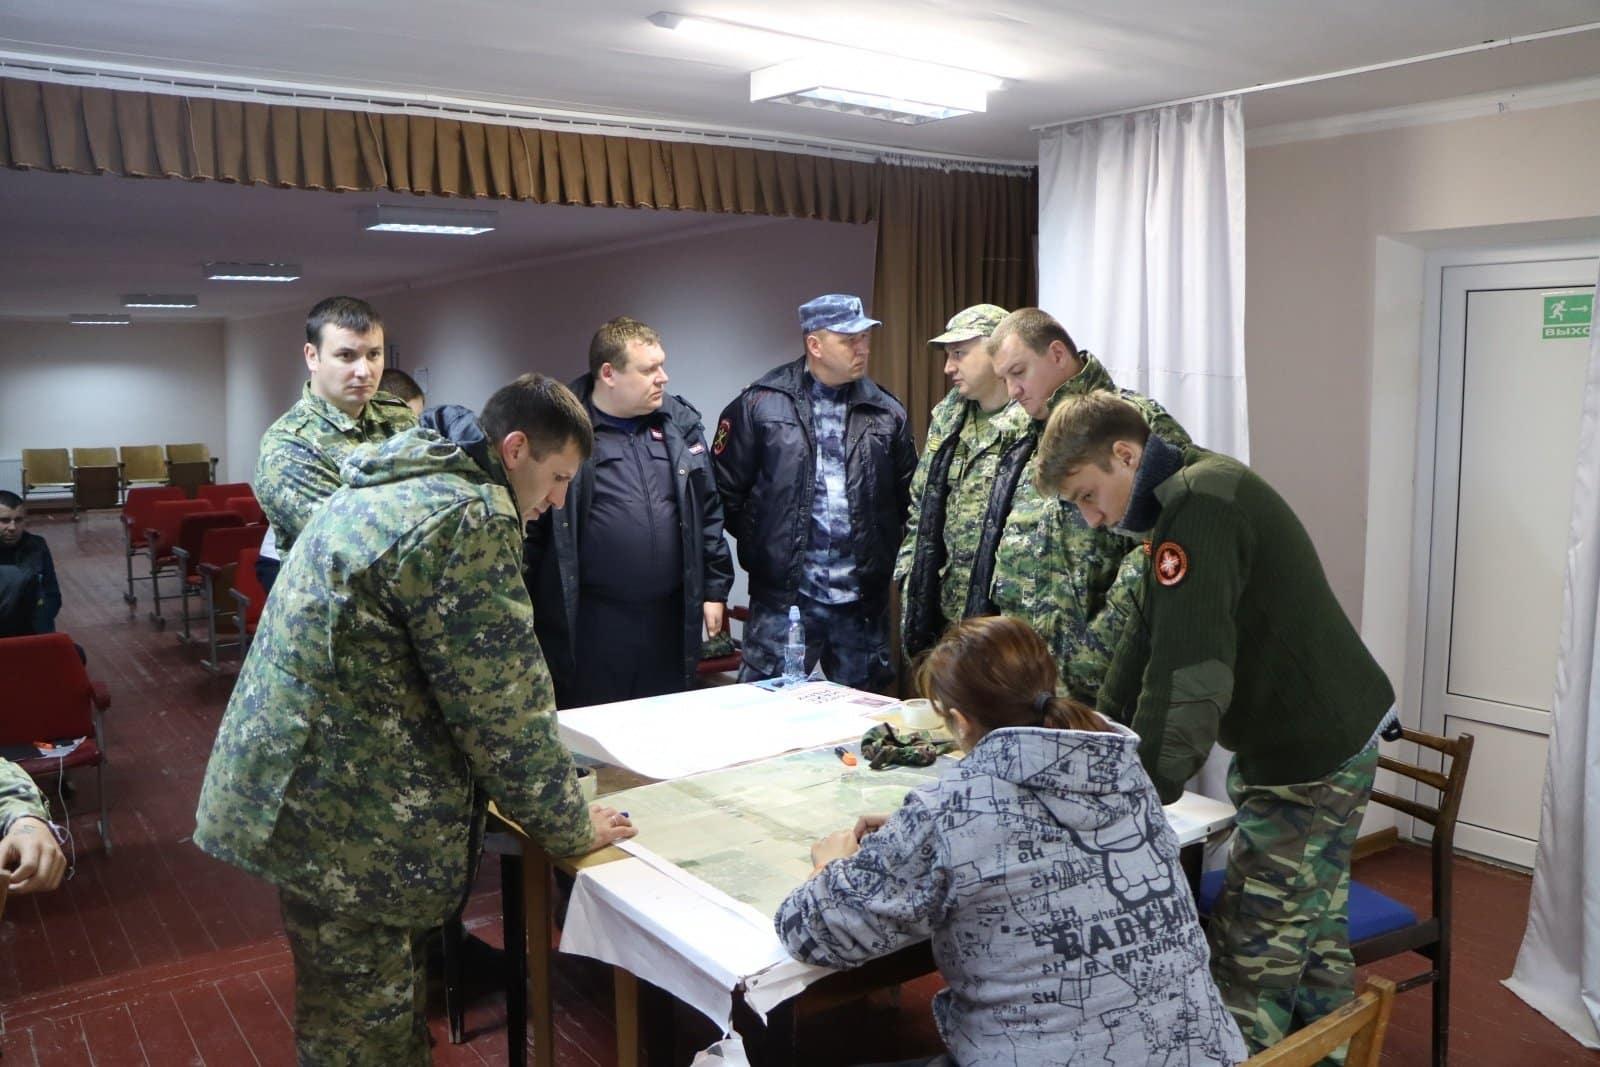 Поиски девочки в Крыму, которая пропала 13 ноября, завершены